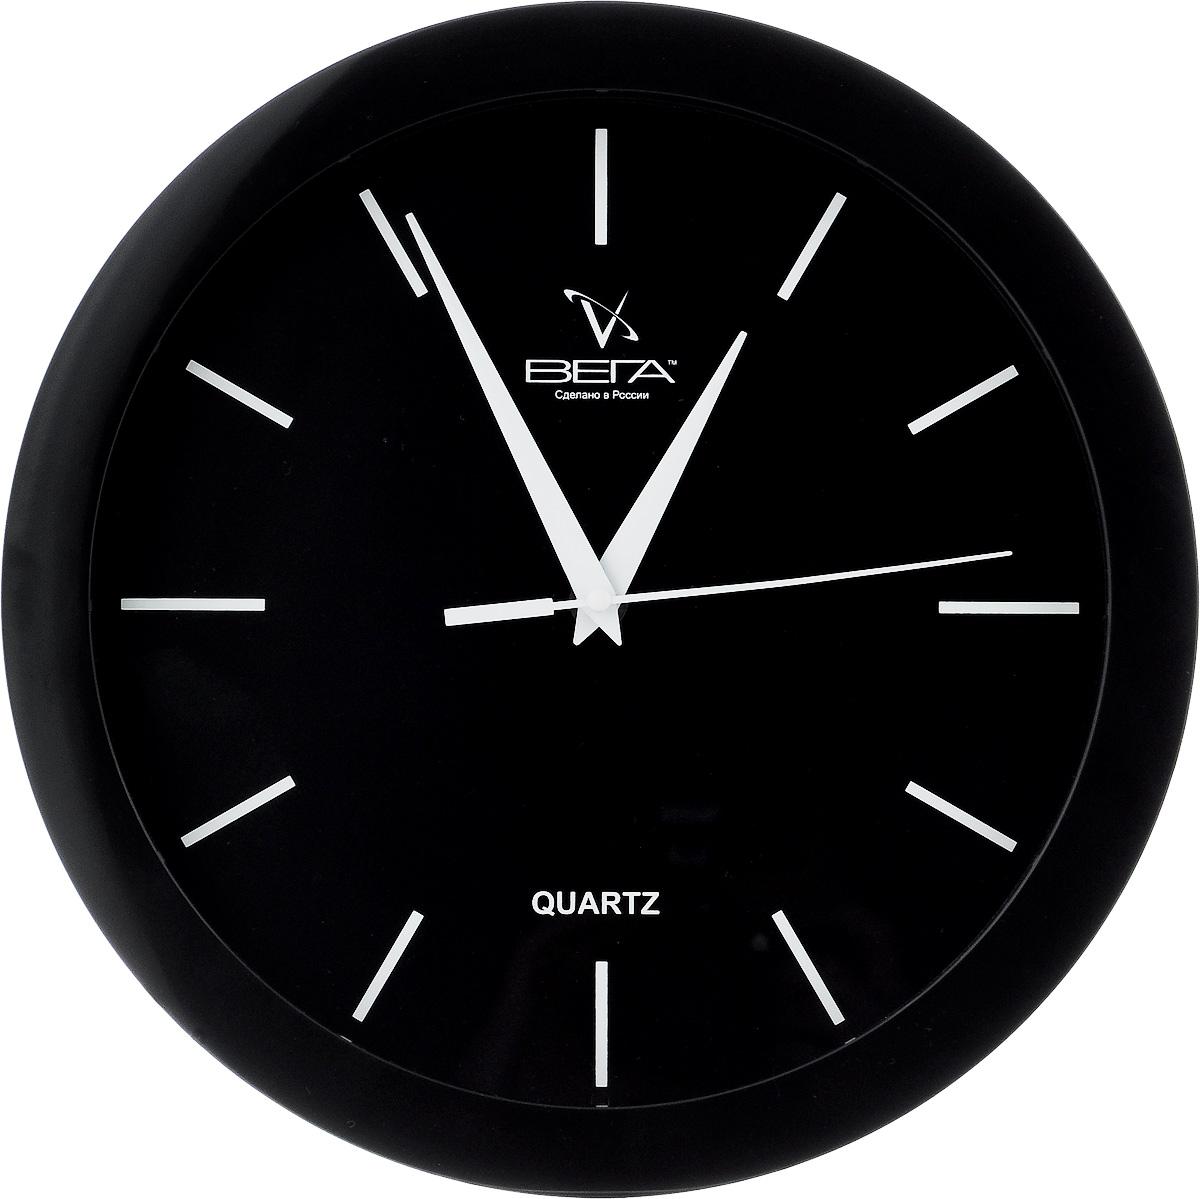 Часы настенные Вега Белые риски, цвет: черный, диаметр 28,5 смП1-6/6-23Настенные кварцевые часы Вега Белые риски, изготовленные из пластика, прекрасно впишутся в интерьер вашего дома. Круглые часы имеют три стрелки: часовую, минутную и секундную, циферблат защищен прозрачным стеклом. Часы работают от 1 батарейки типа АА напряжением 1,5 В (не входит в комплект). Диаметр часов: 28,5 см.